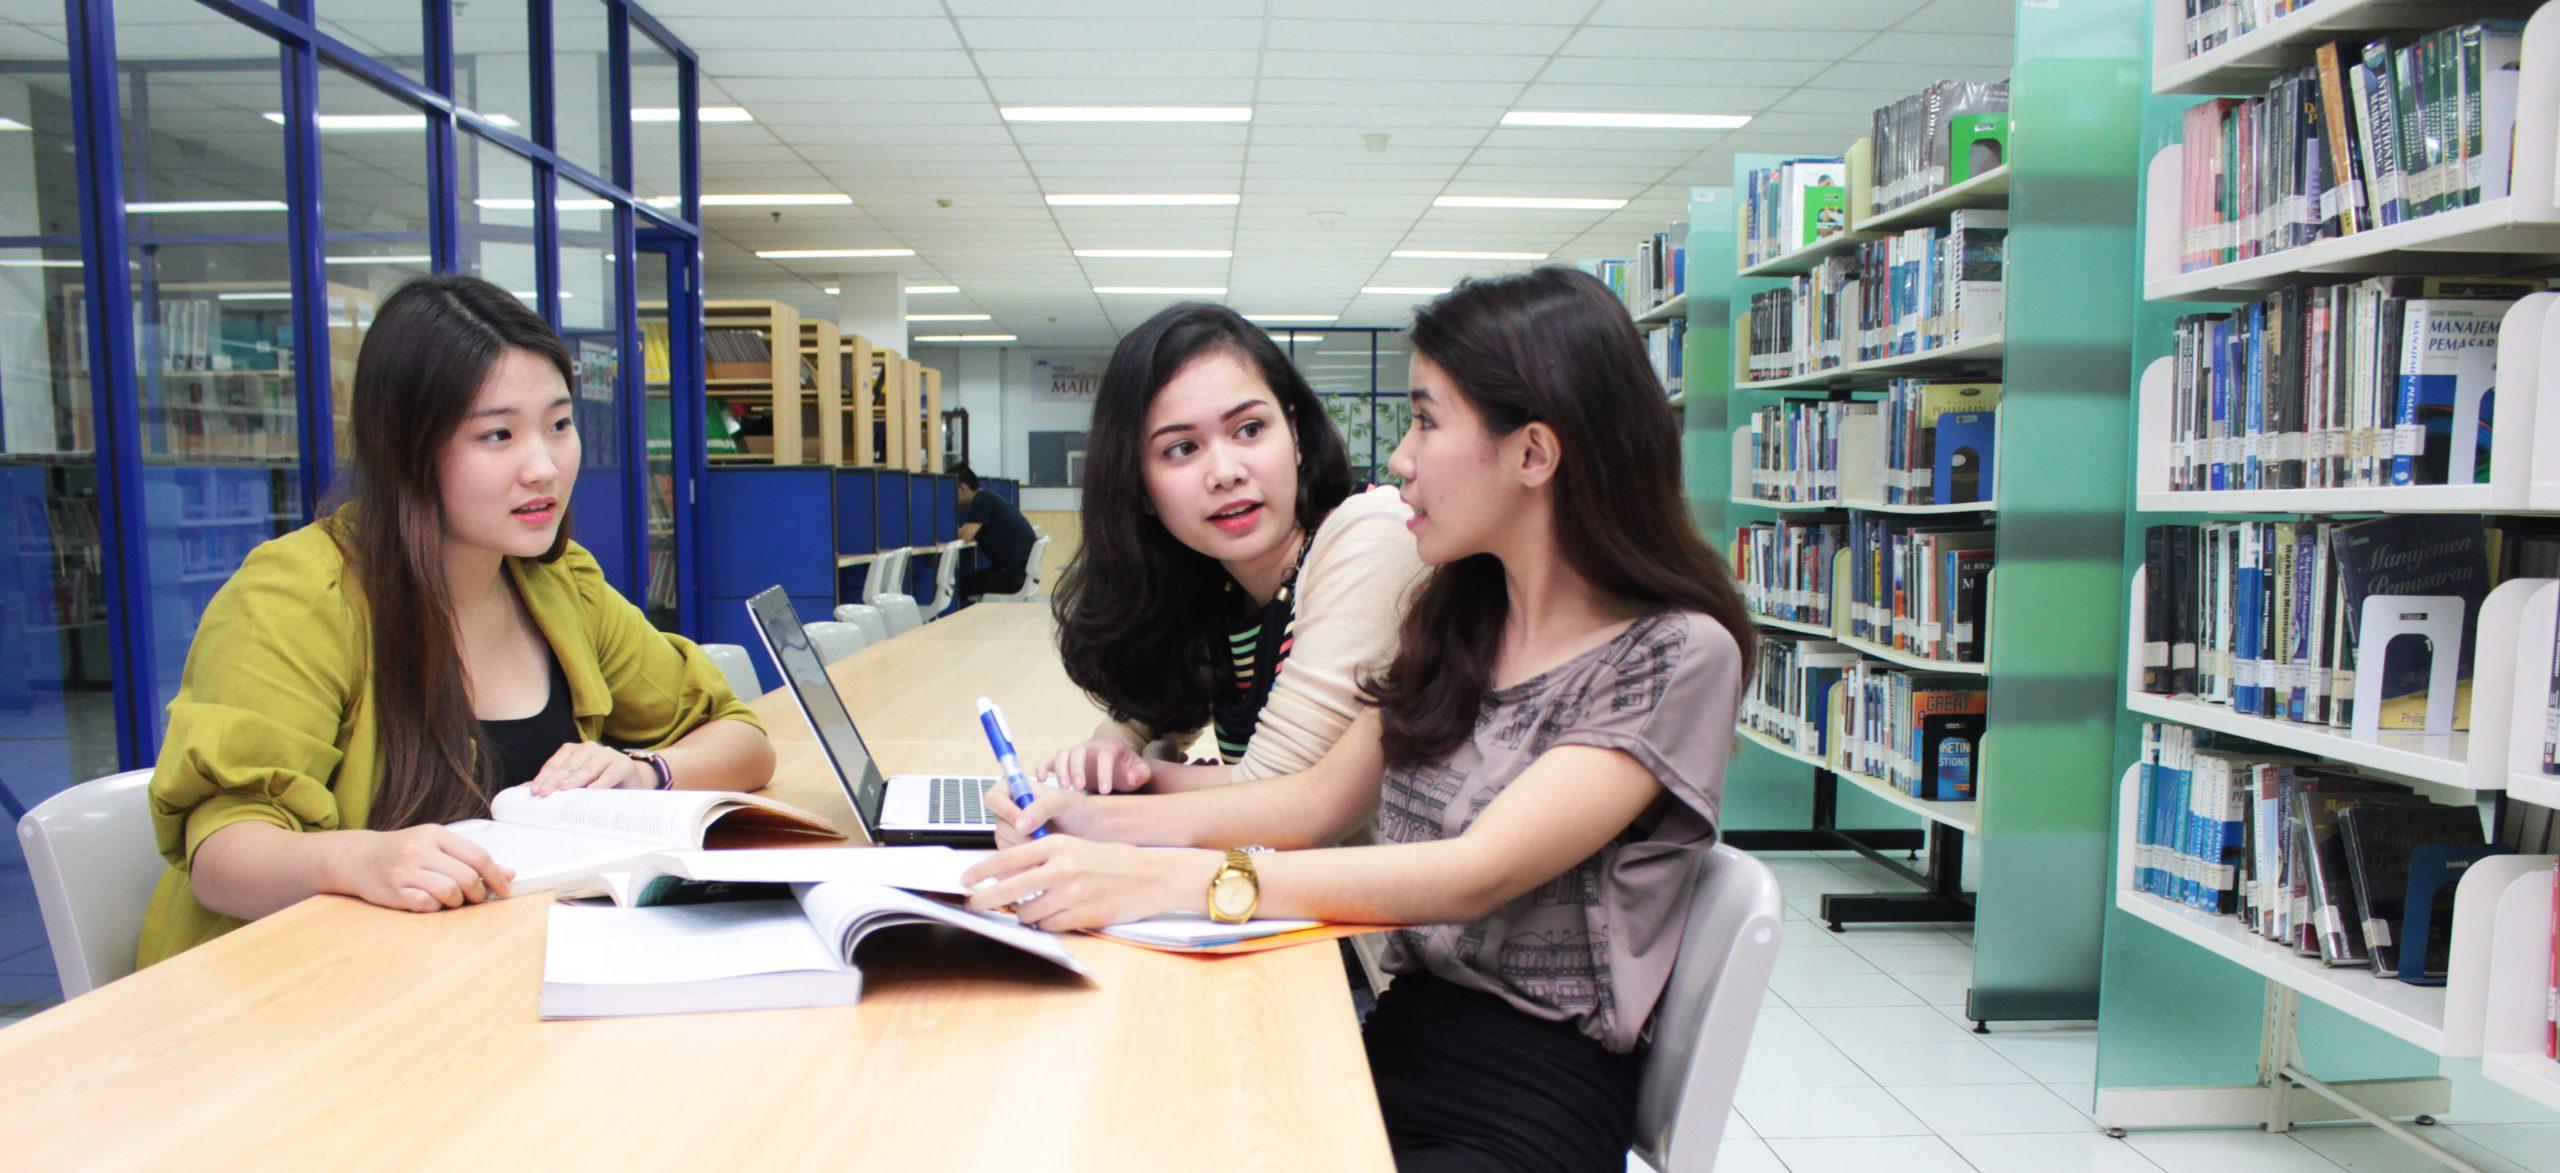 Gambar mahasiswa ubm bekerja kelompok